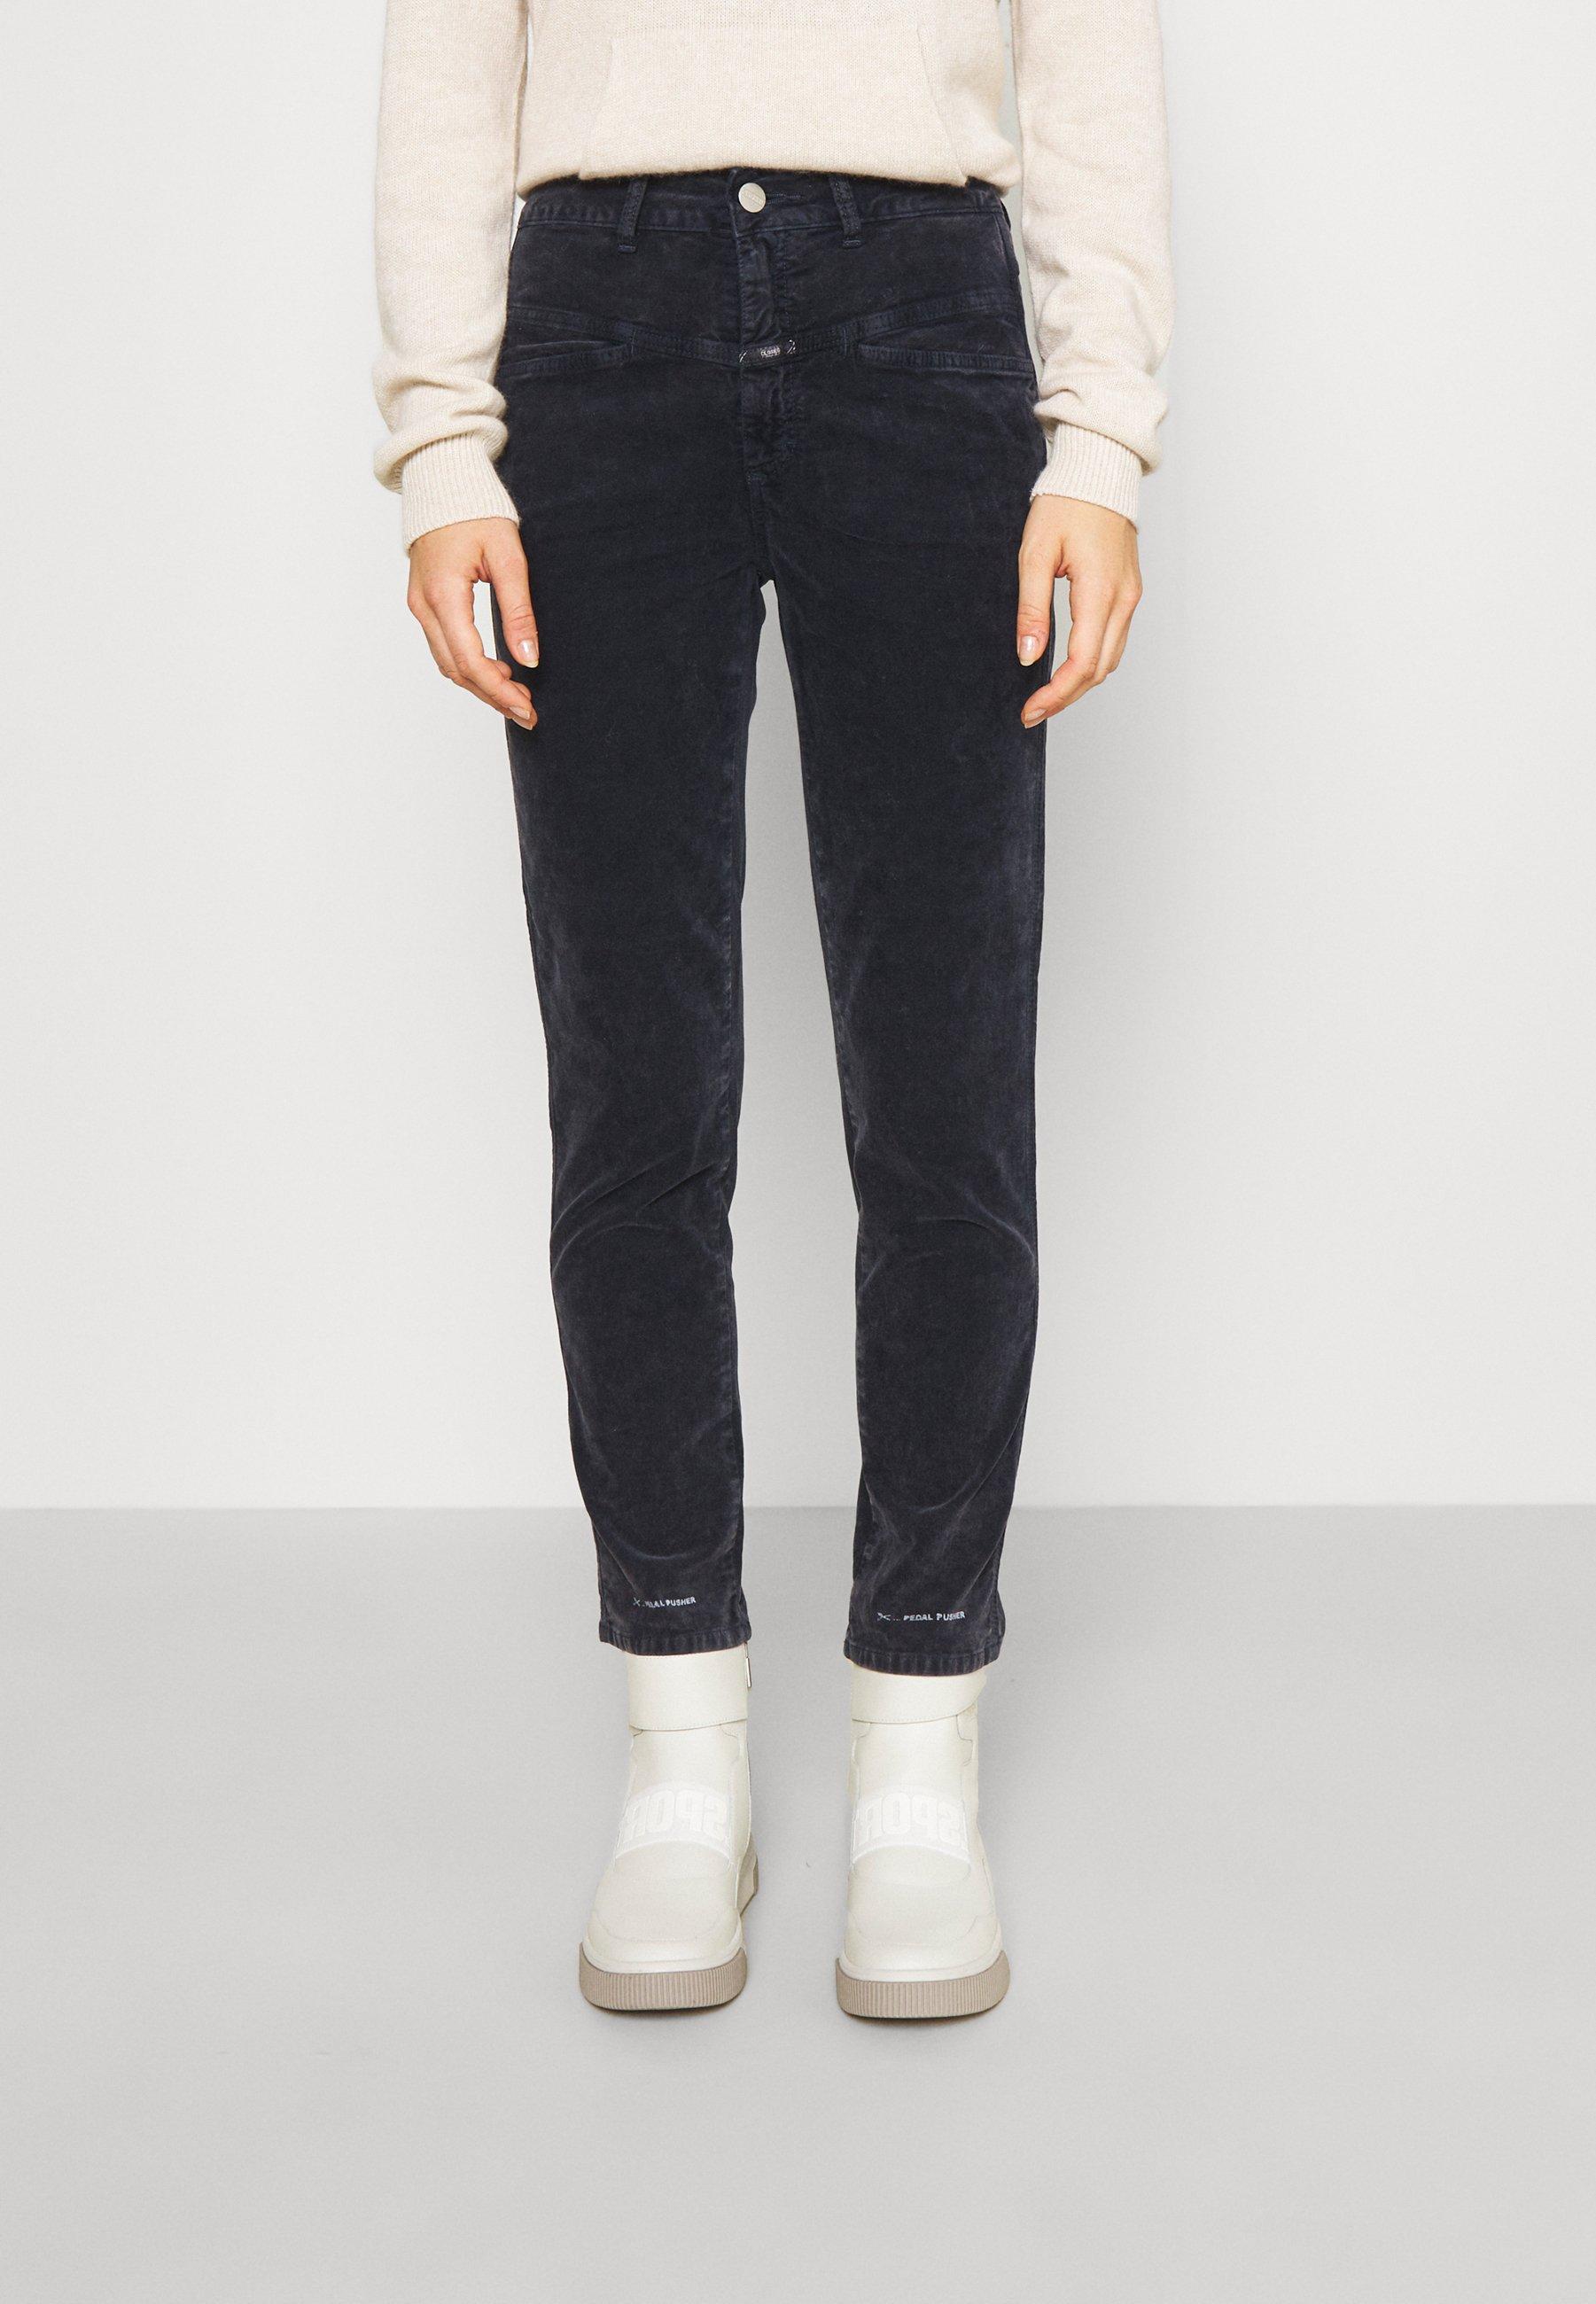 Femme PEDAL PUSHER - Pantalon classique